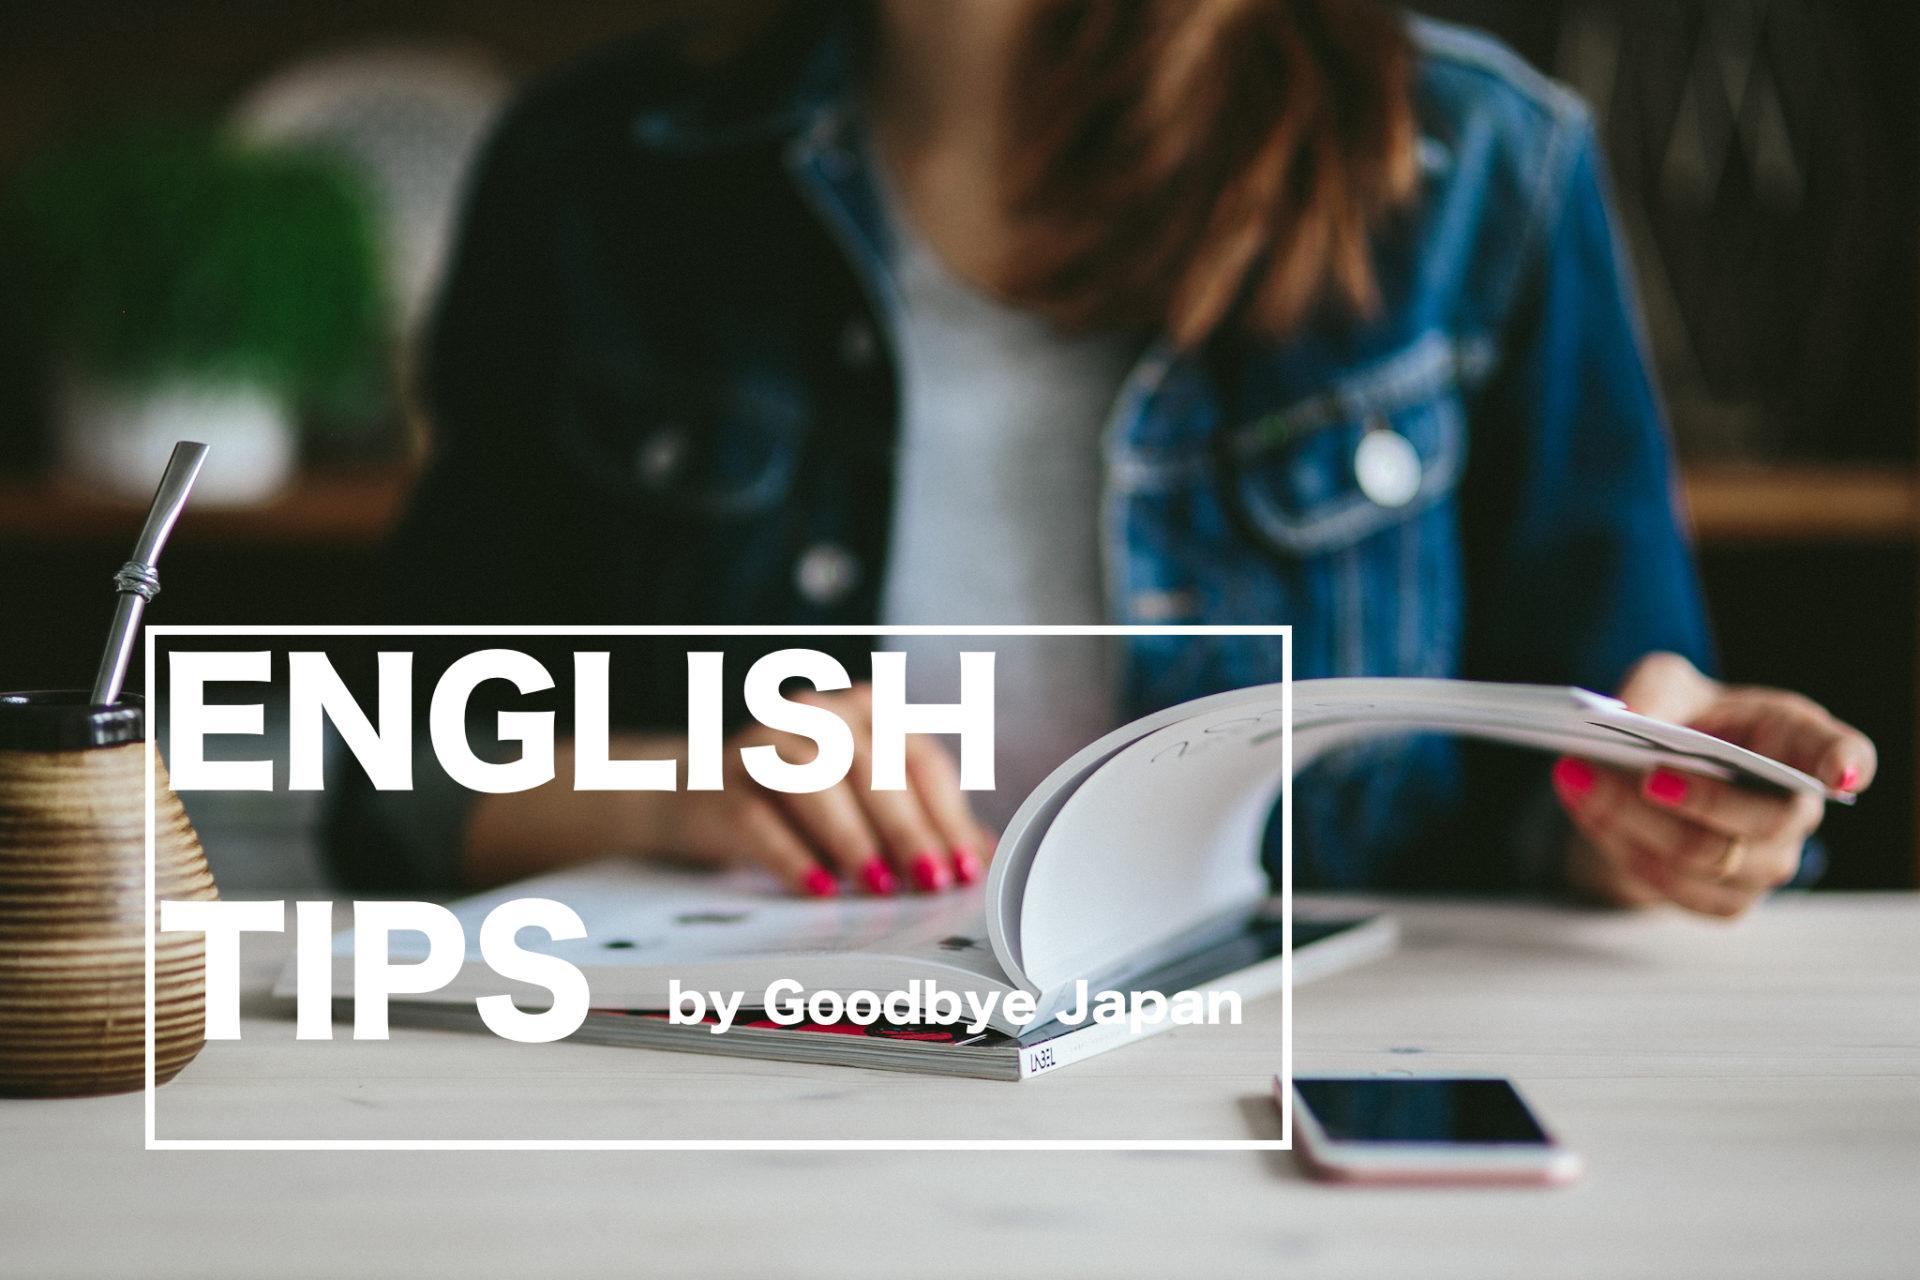 堅実 英語